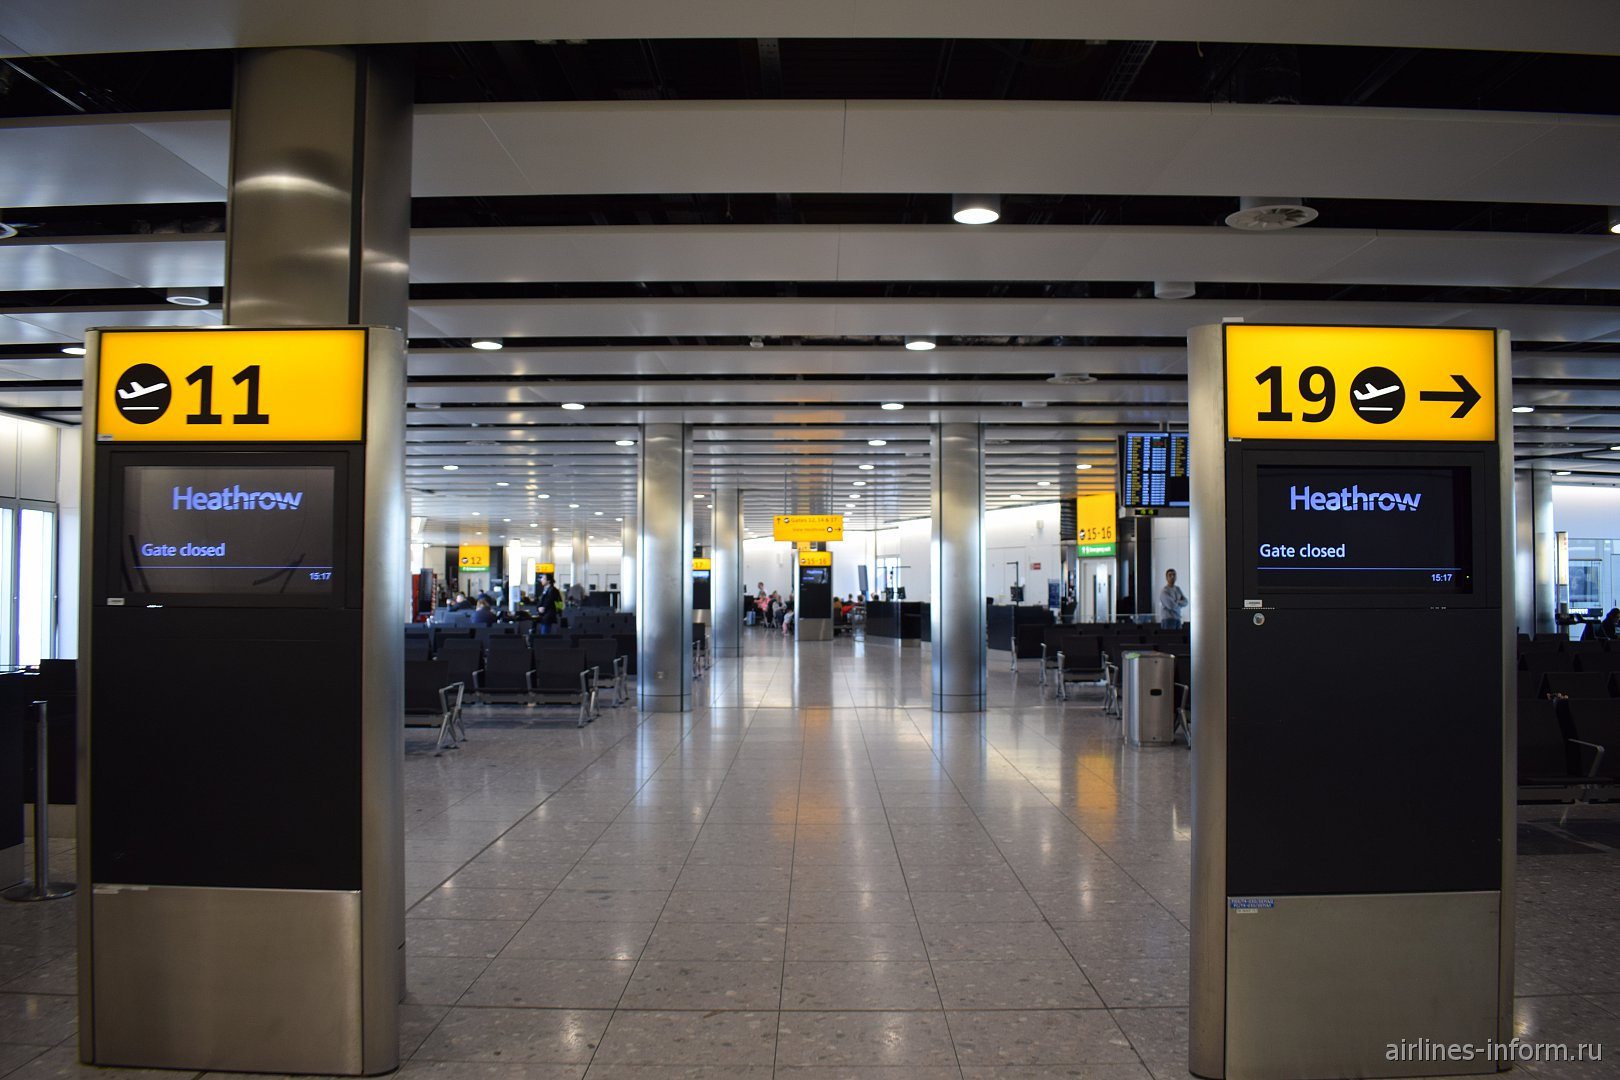 Выходы на посадку в терминале 4 аэропорта Лондон Хитроу